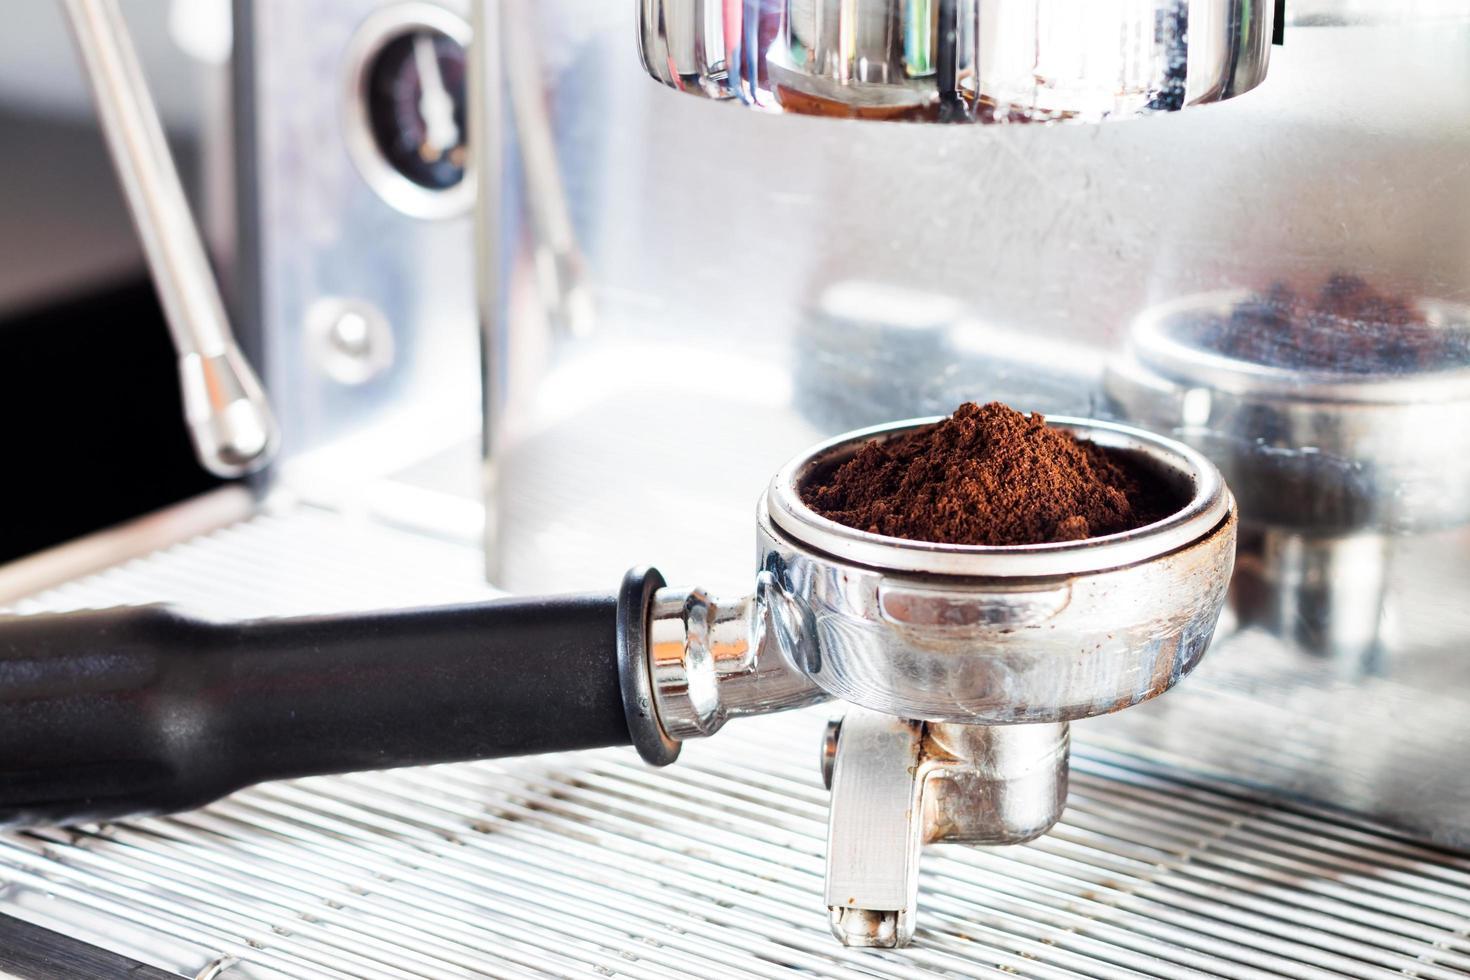 koffiemolen met espresso erin foto